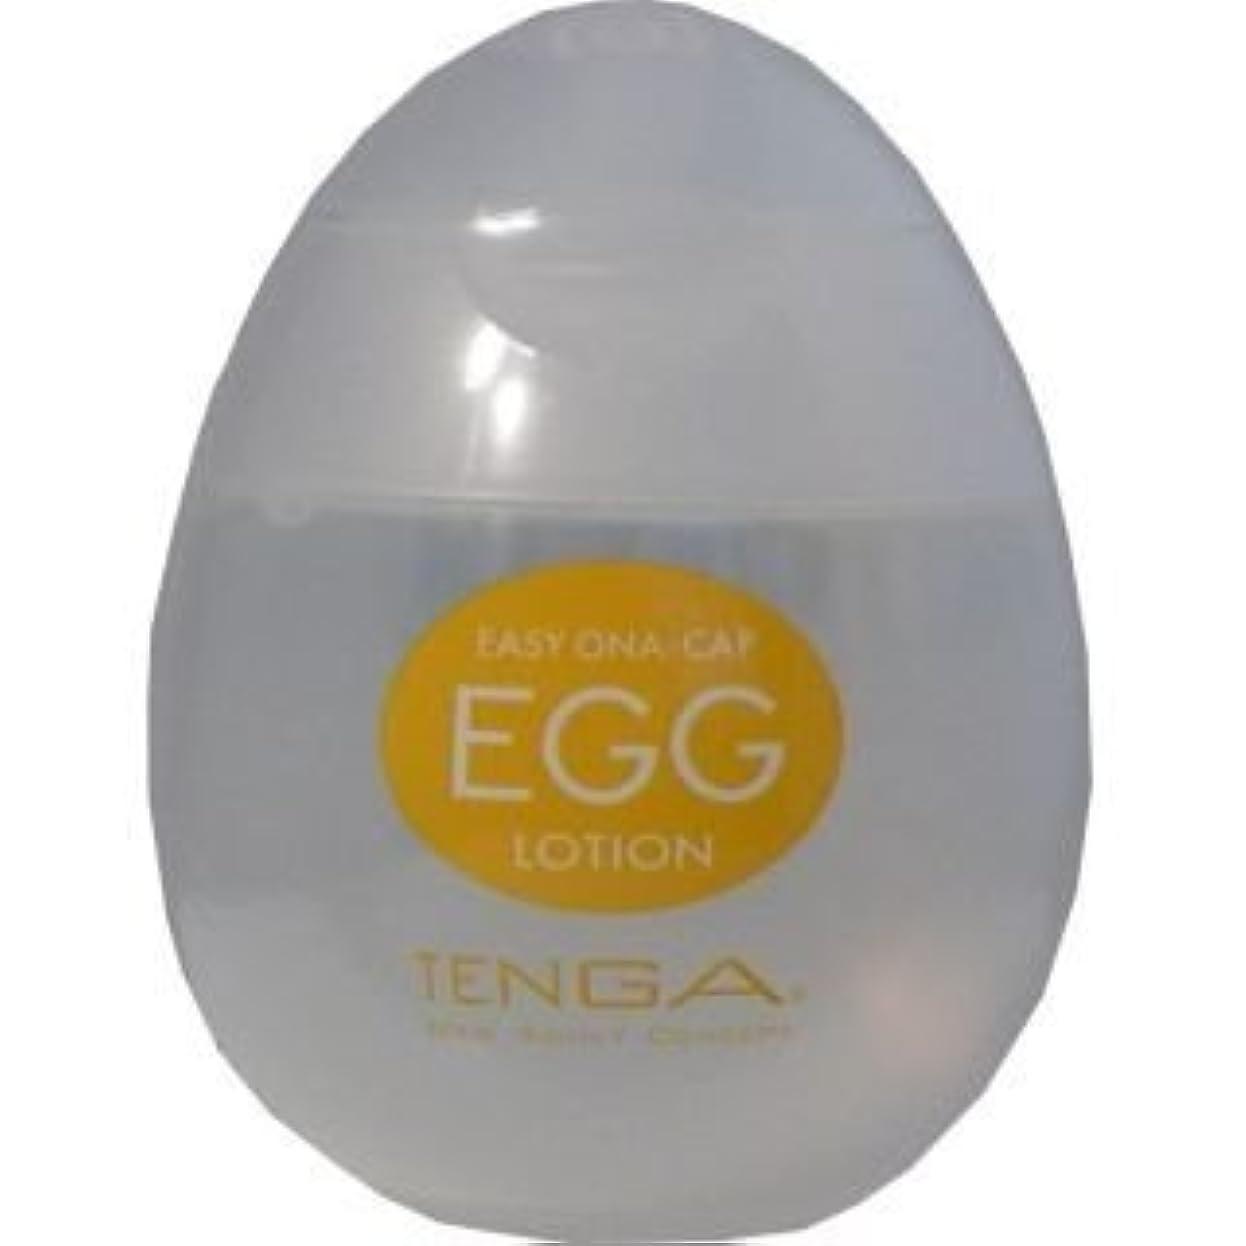 効果的乱気流有効化保湿成分配合で潤い長持ち!TENGA(テンガ) EGG LOTION(エッグローション) EGGL-001【5個セット】